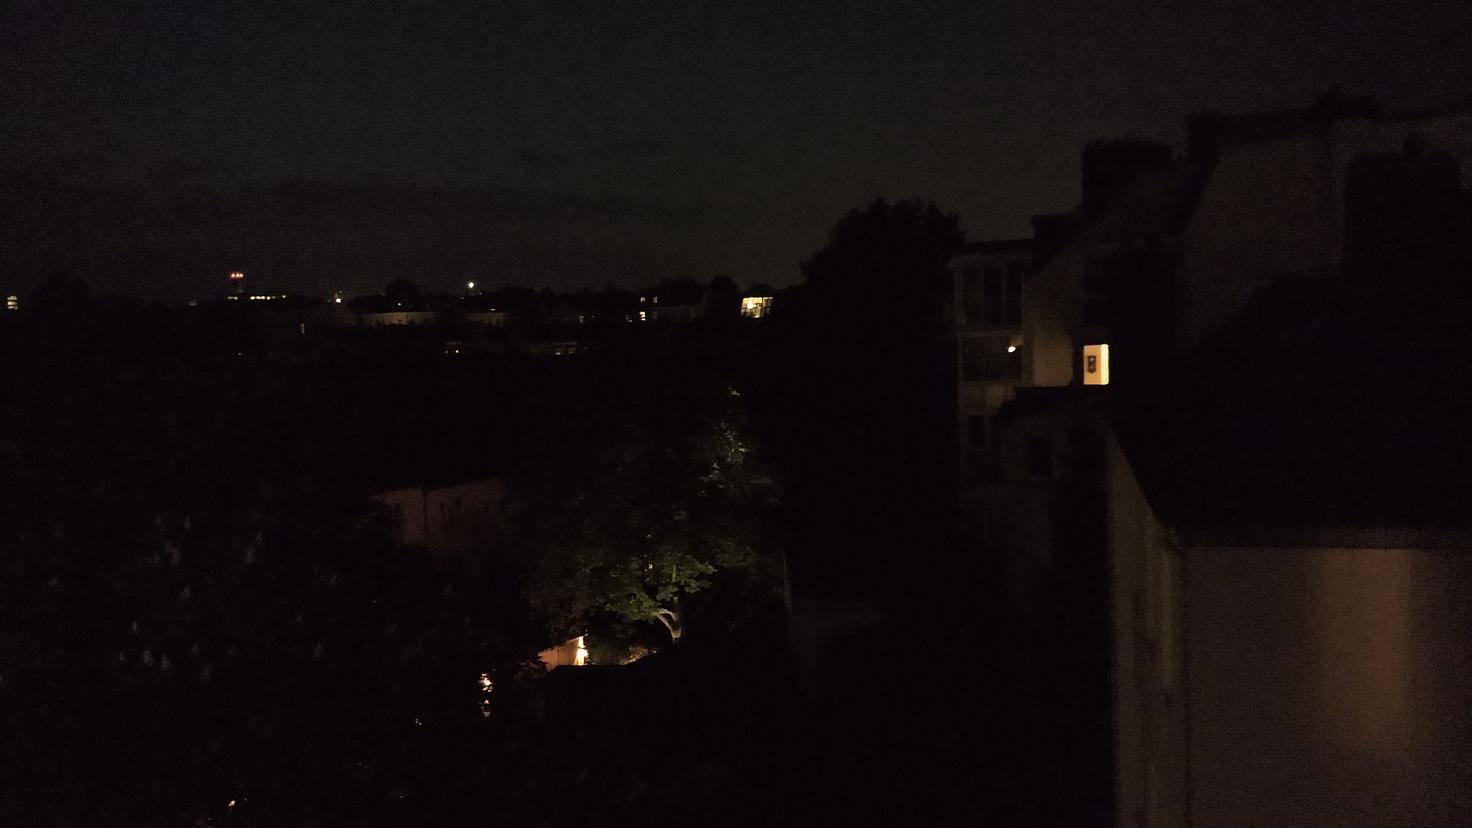 Die Nachtaufnahmen sind immerhin besser als jene des Moto G6 Play, aber trotzdem zu dunkel und verrauscht.